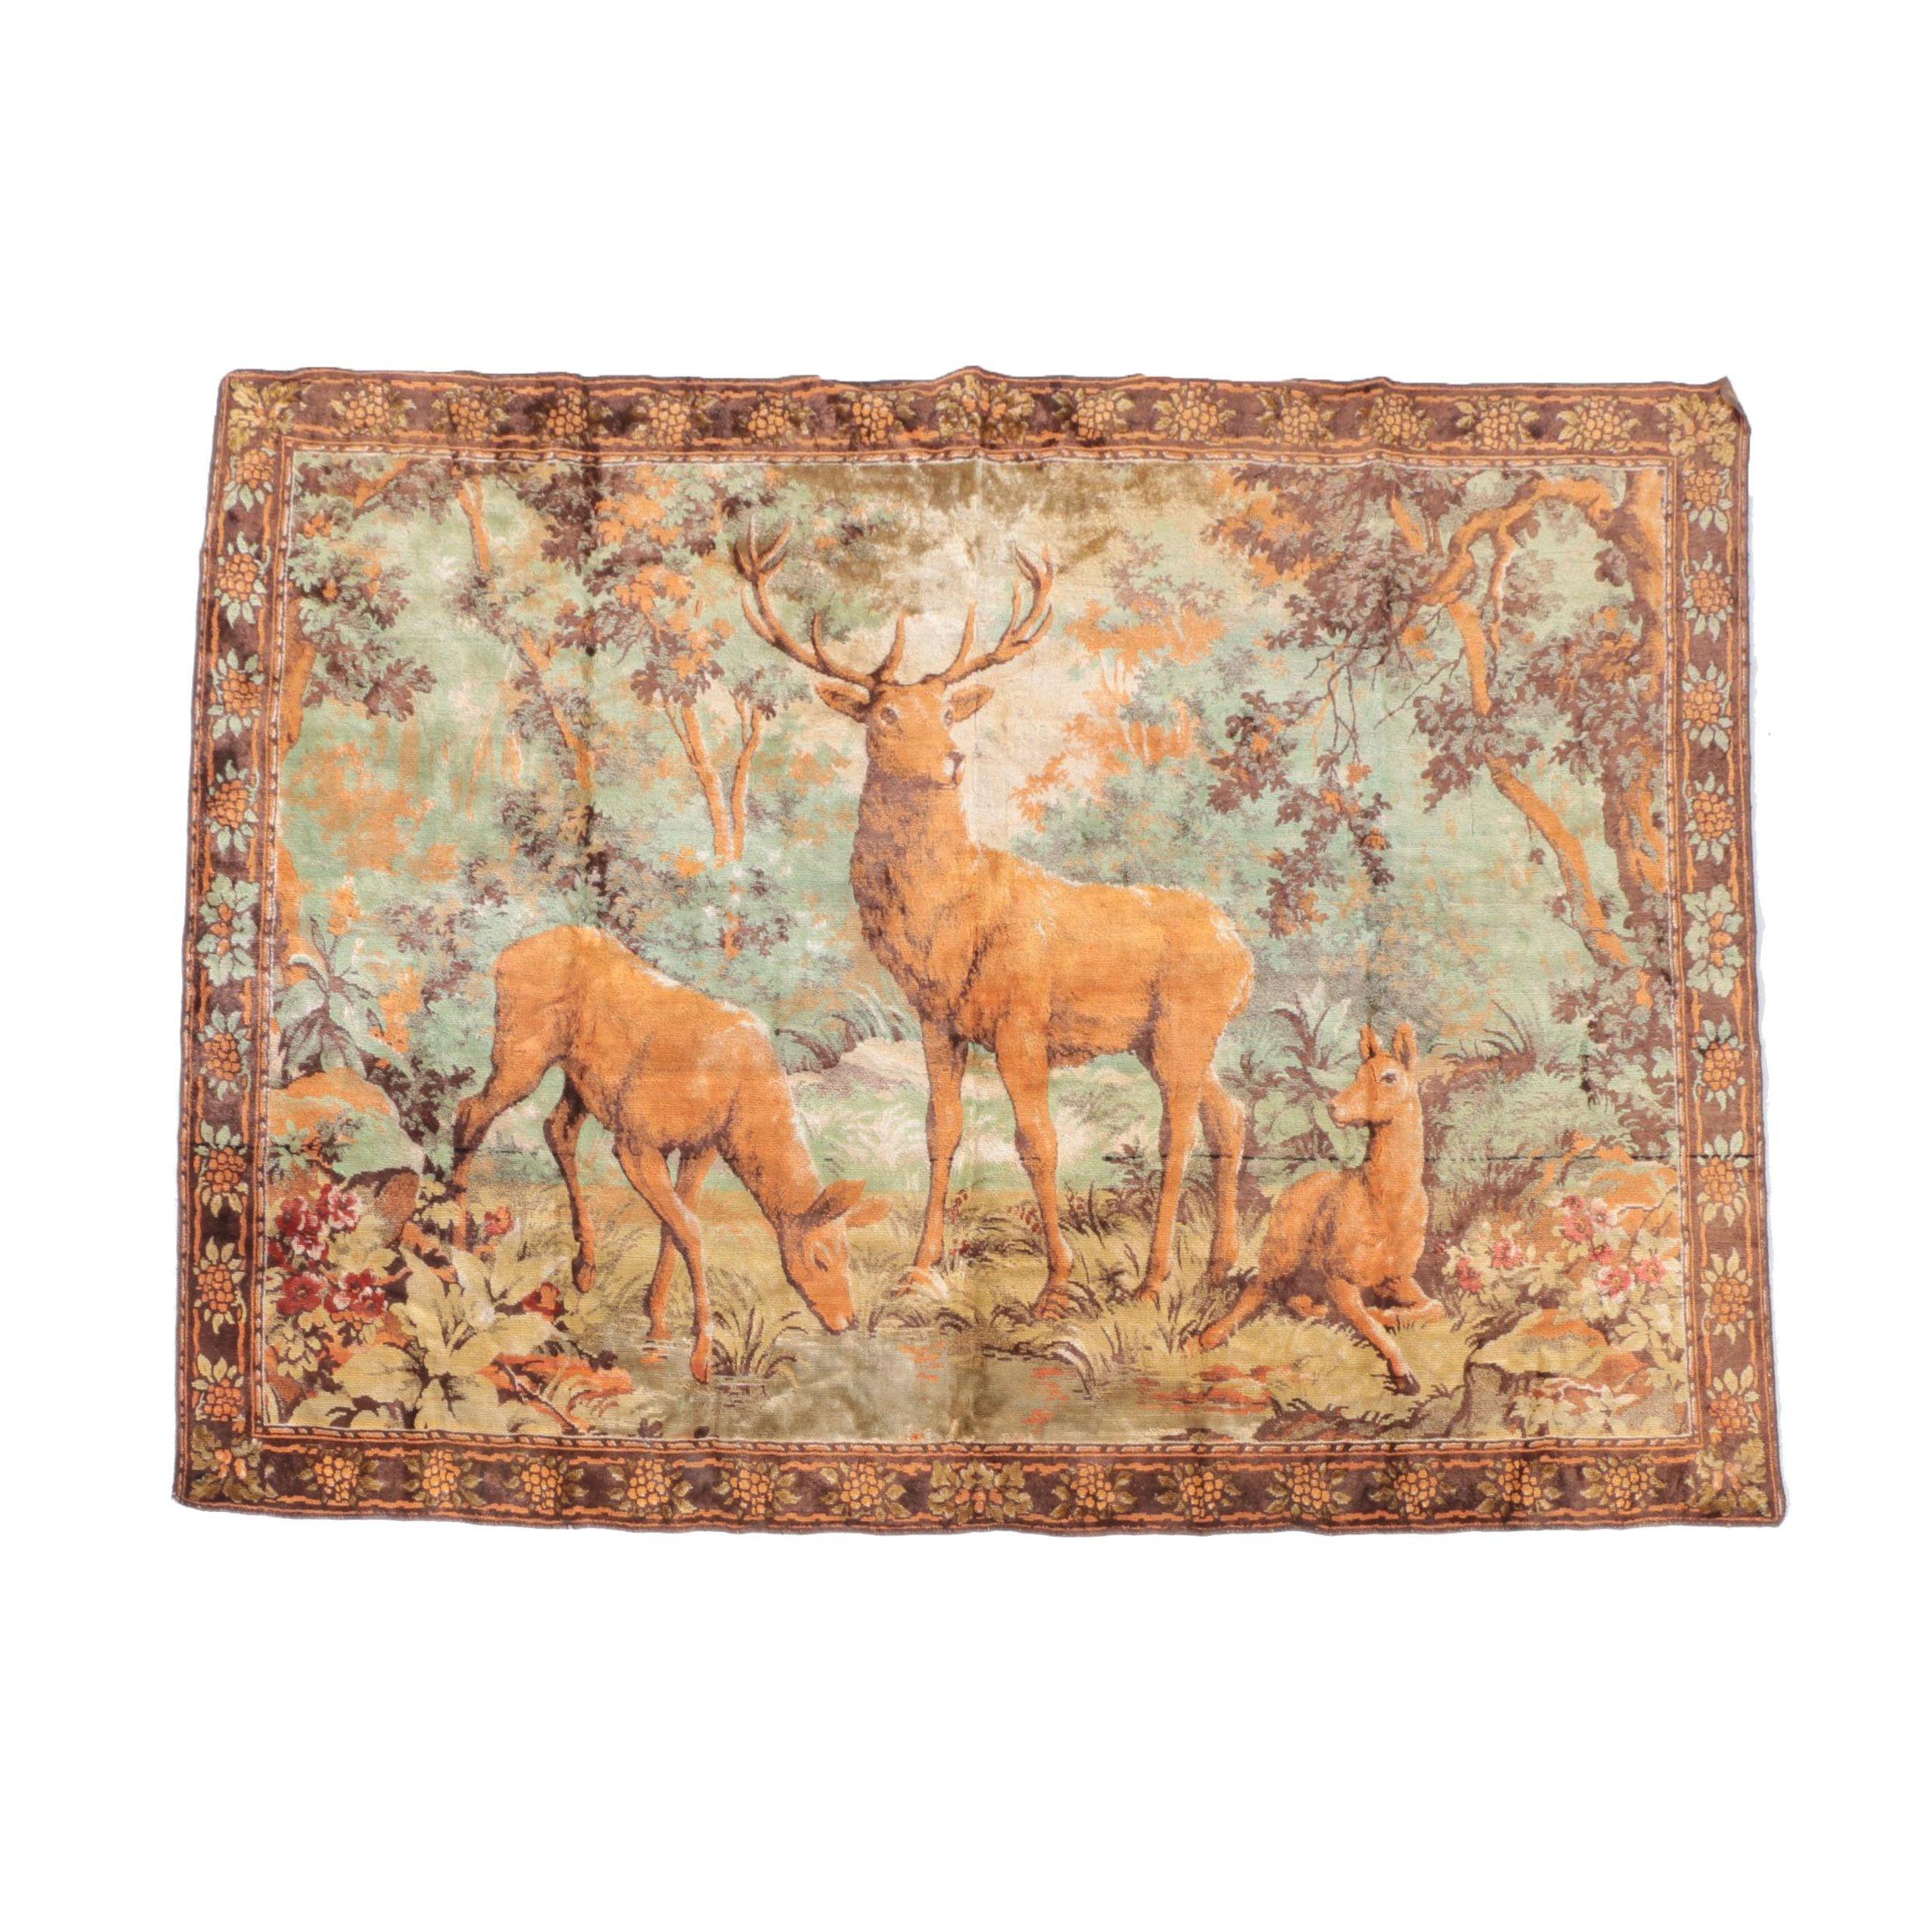 Vintage Machine Made Landscape Tapestry